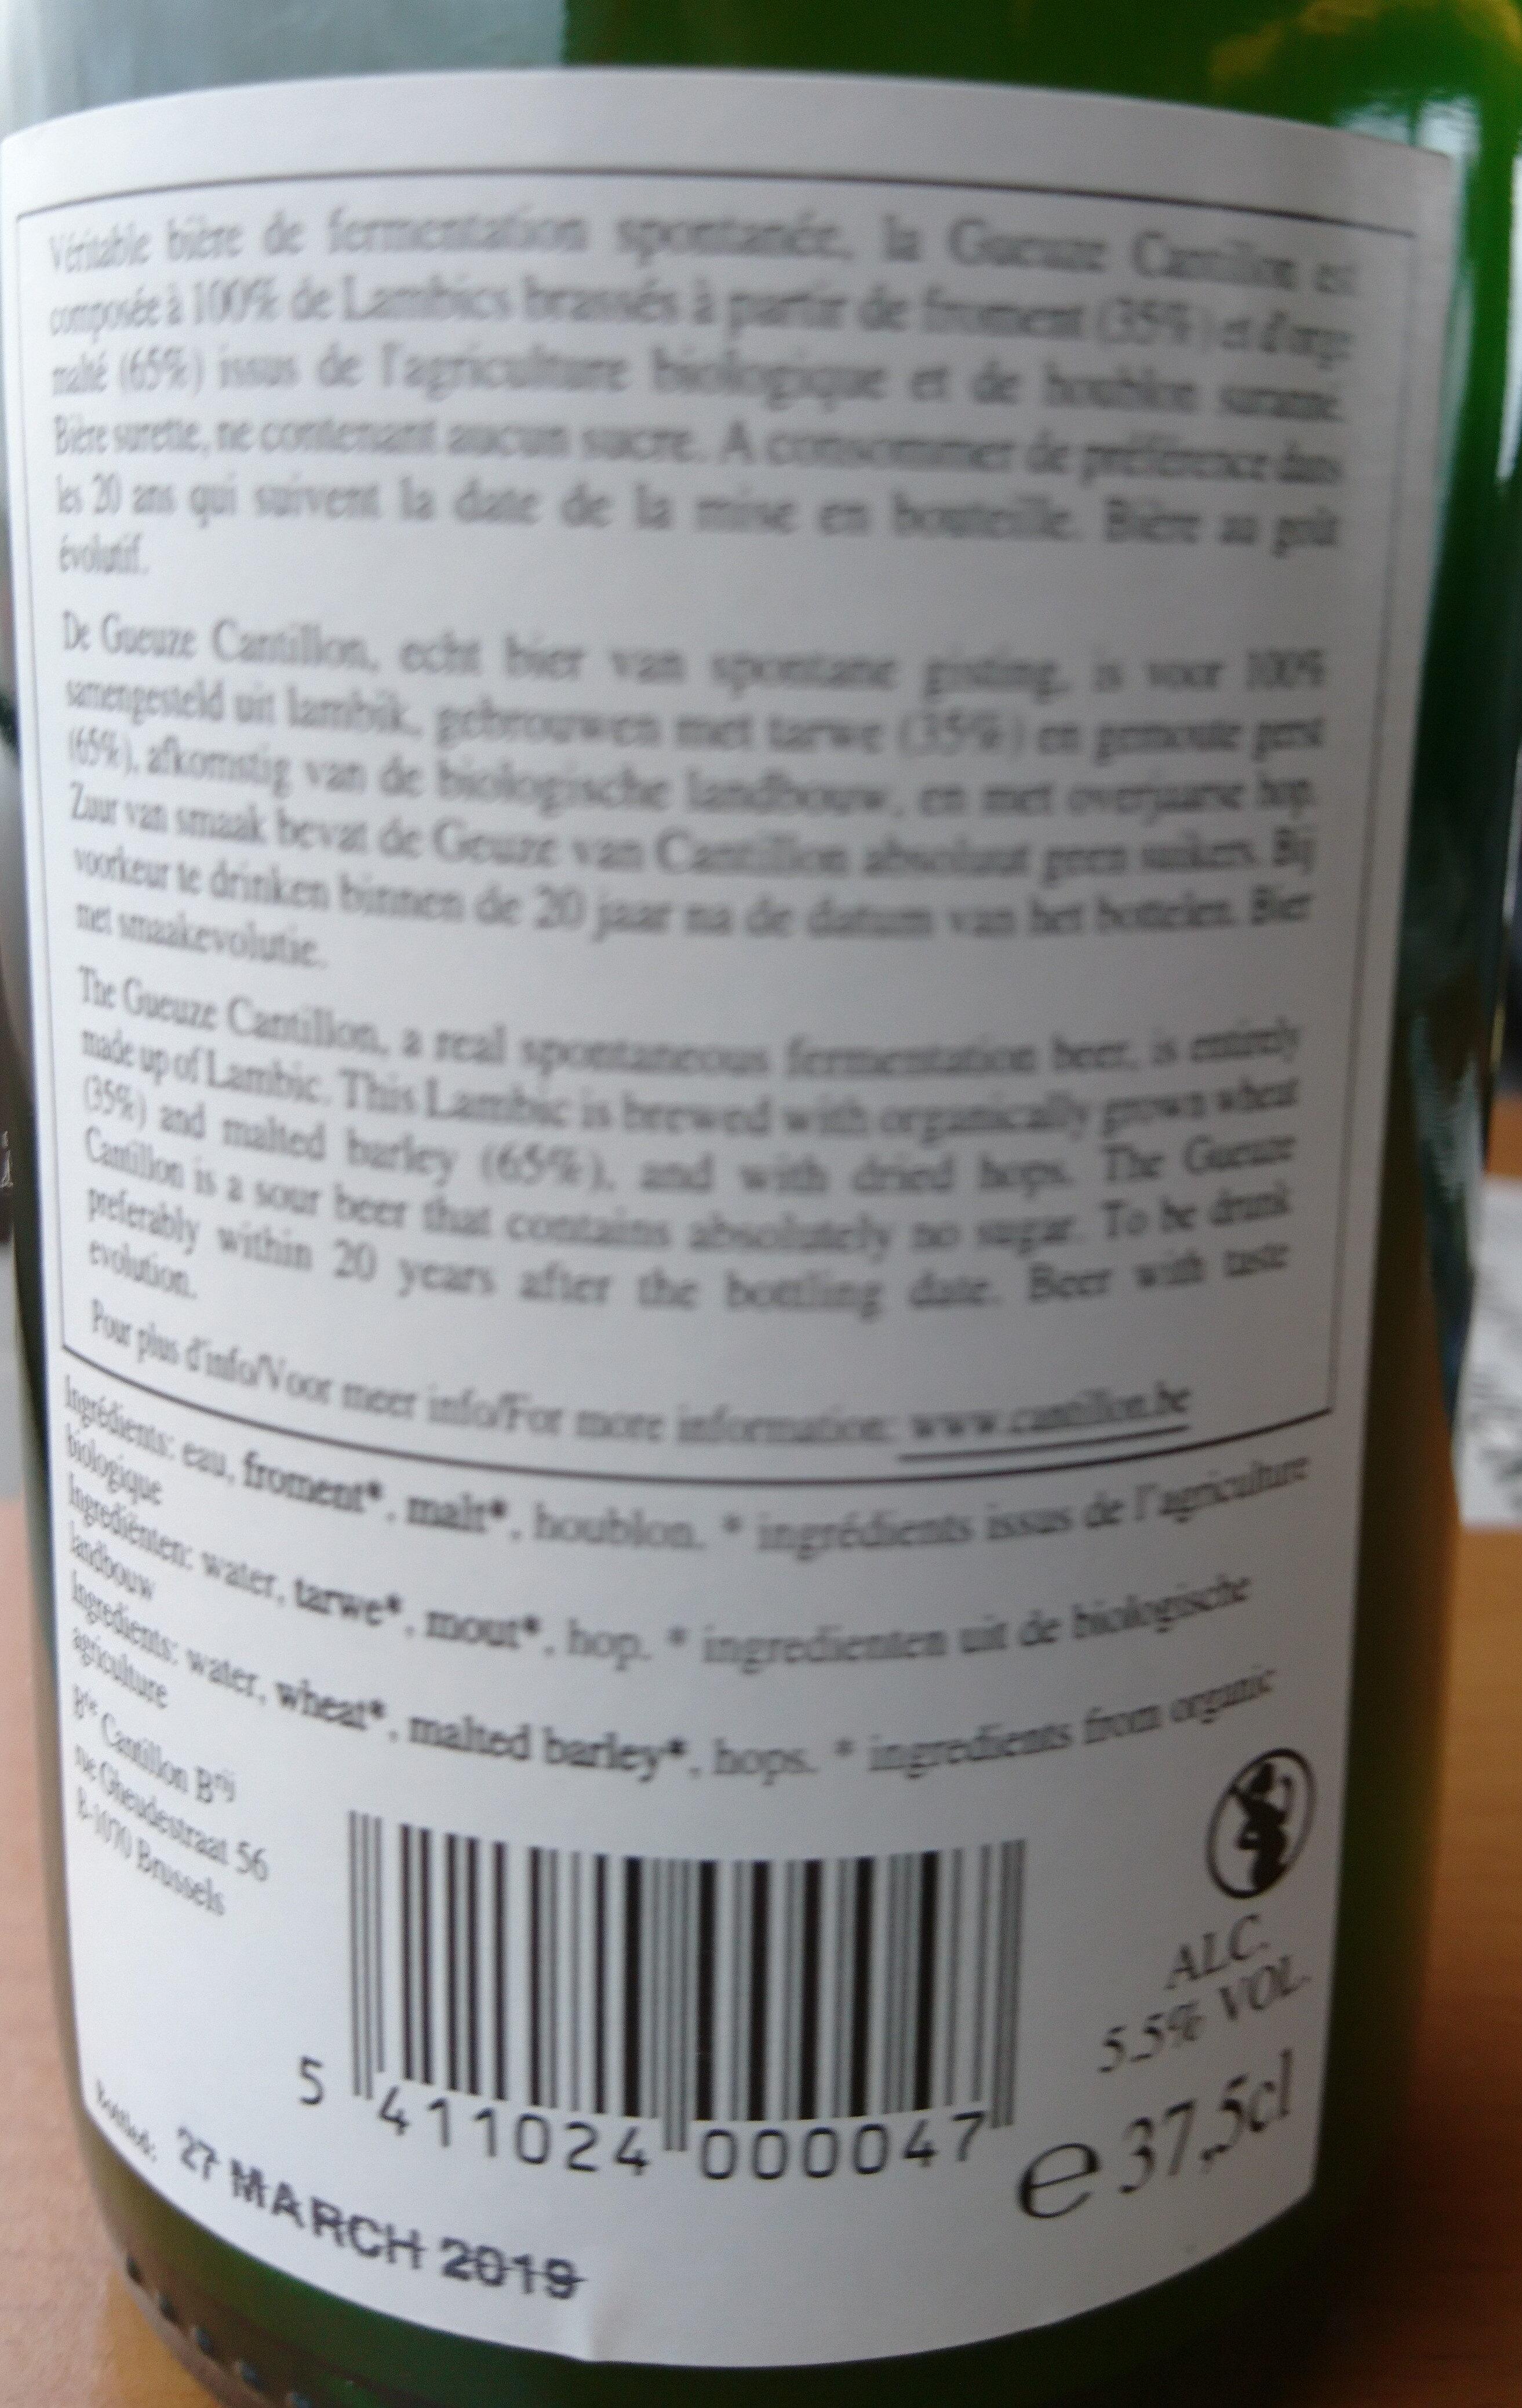 Geuze 100% Lambic Bio - Ingrediënten - en